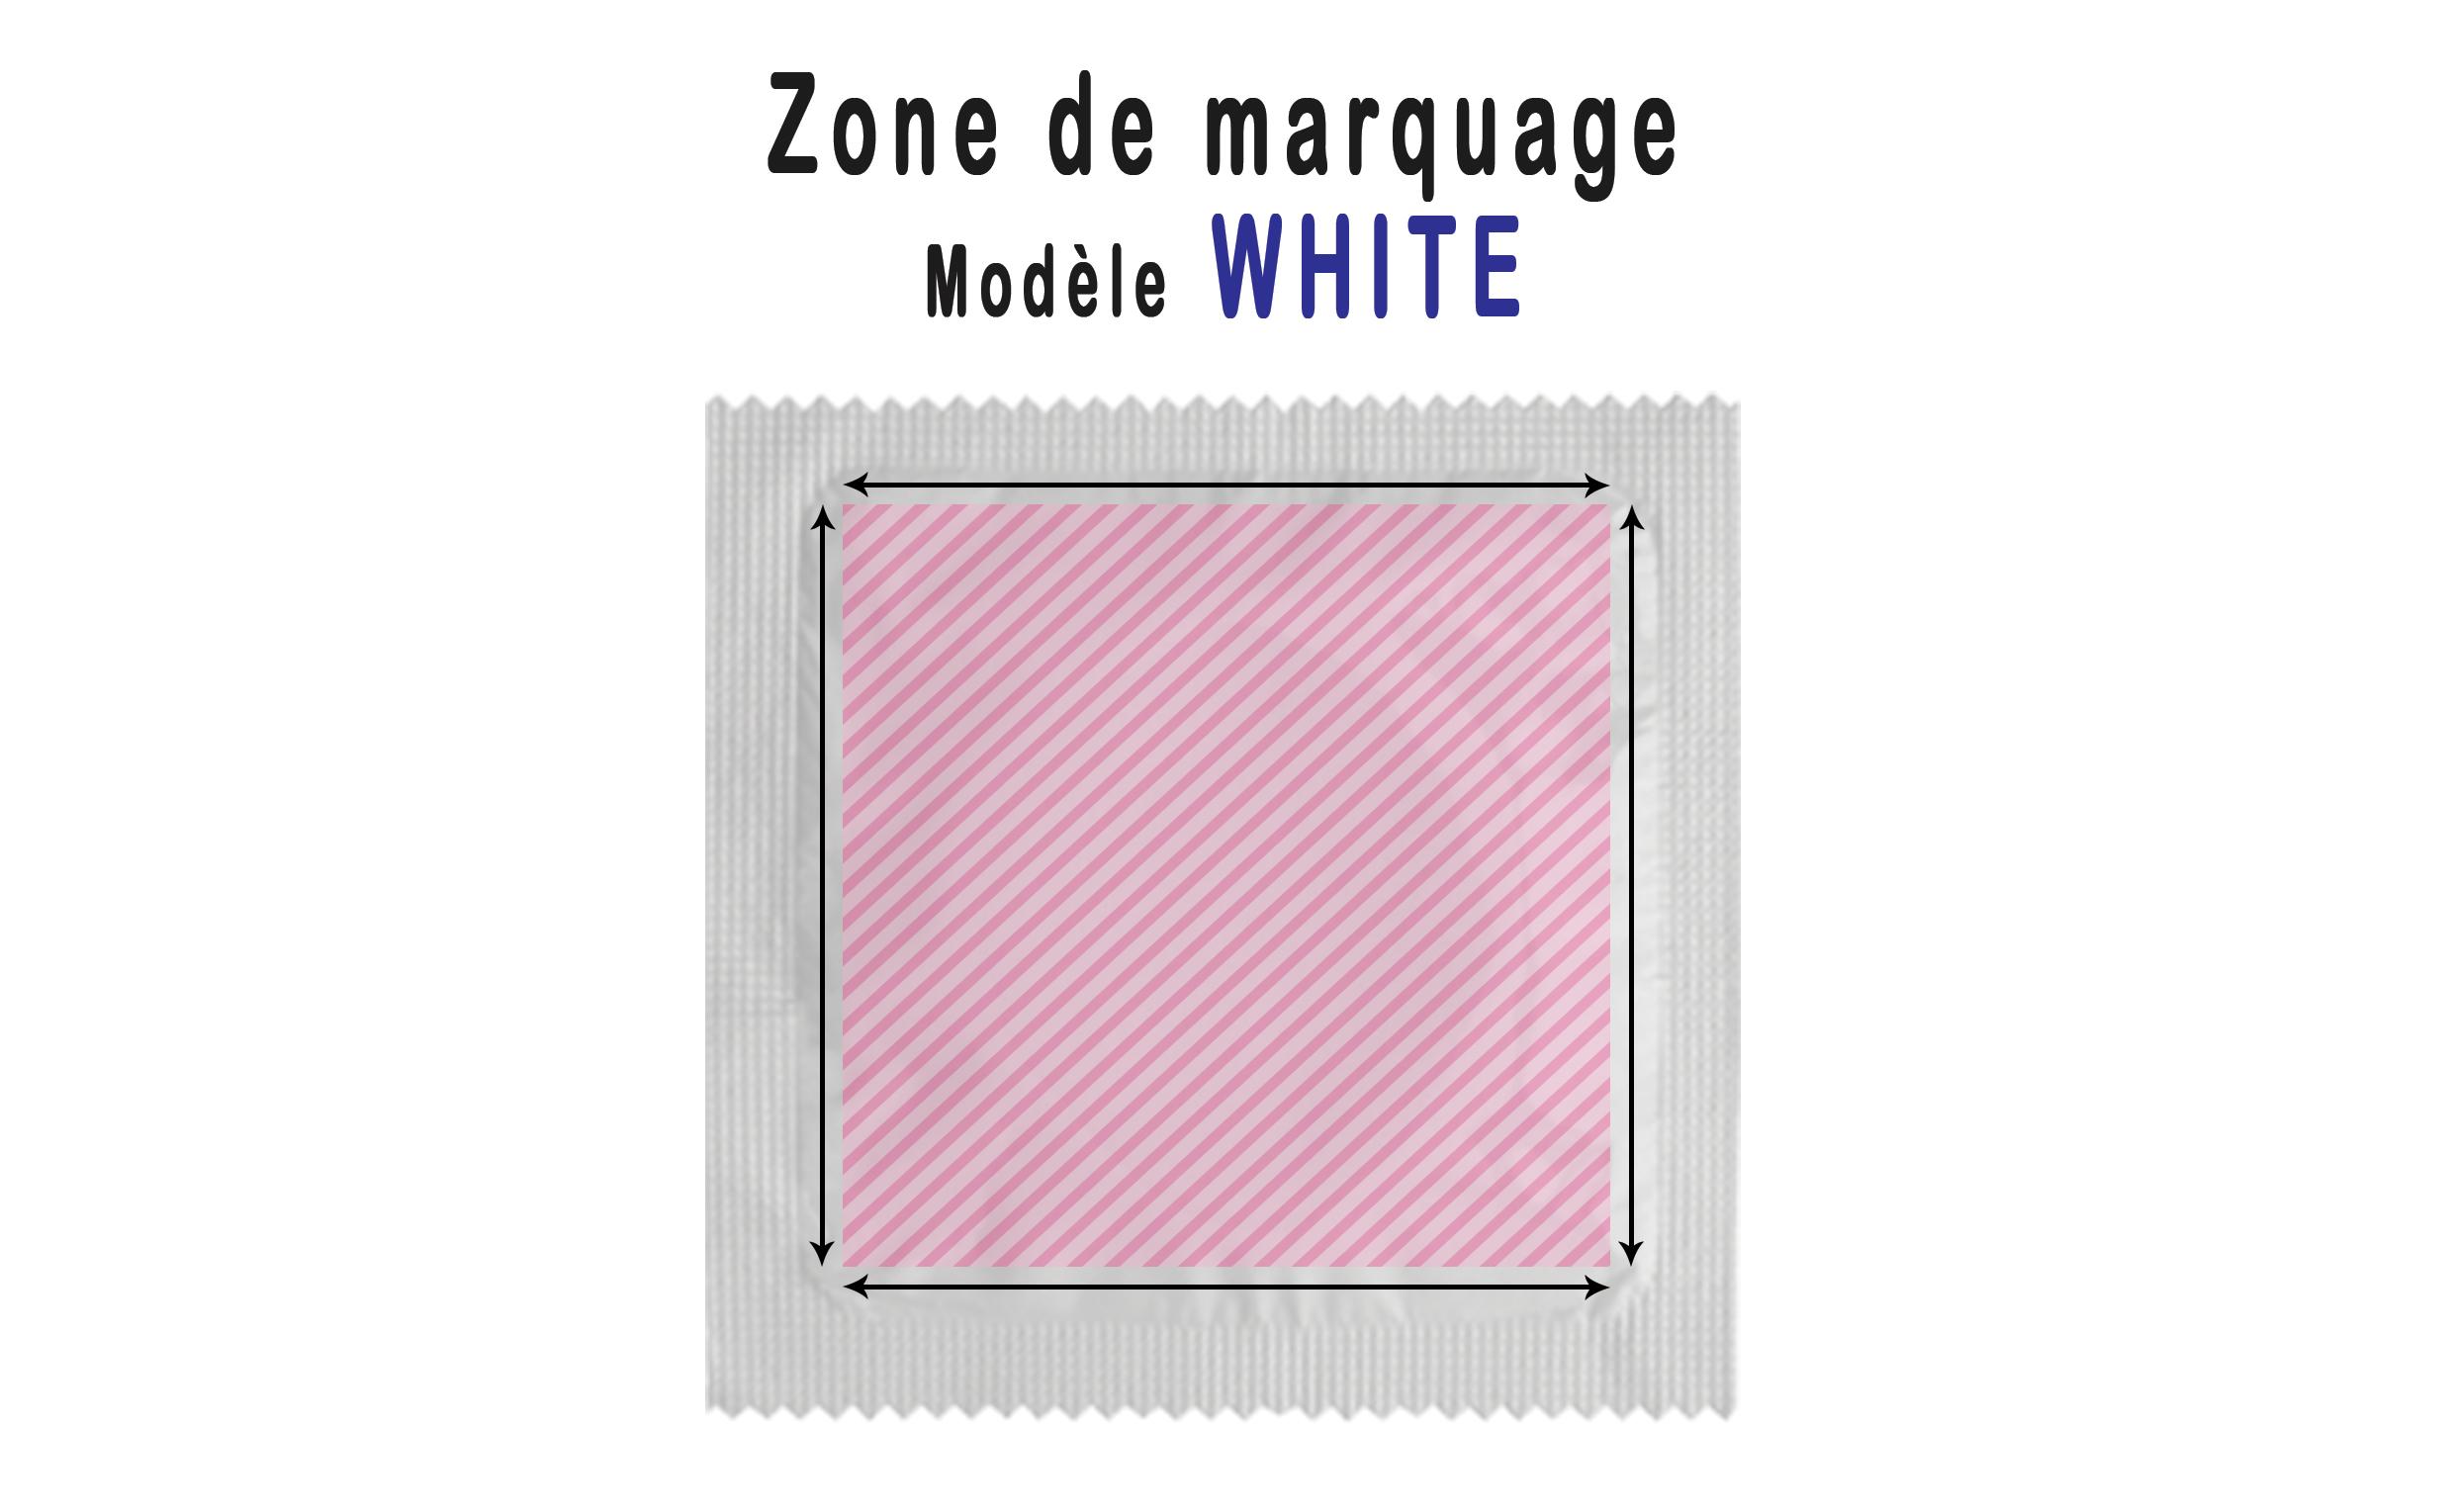 zone de marquage white